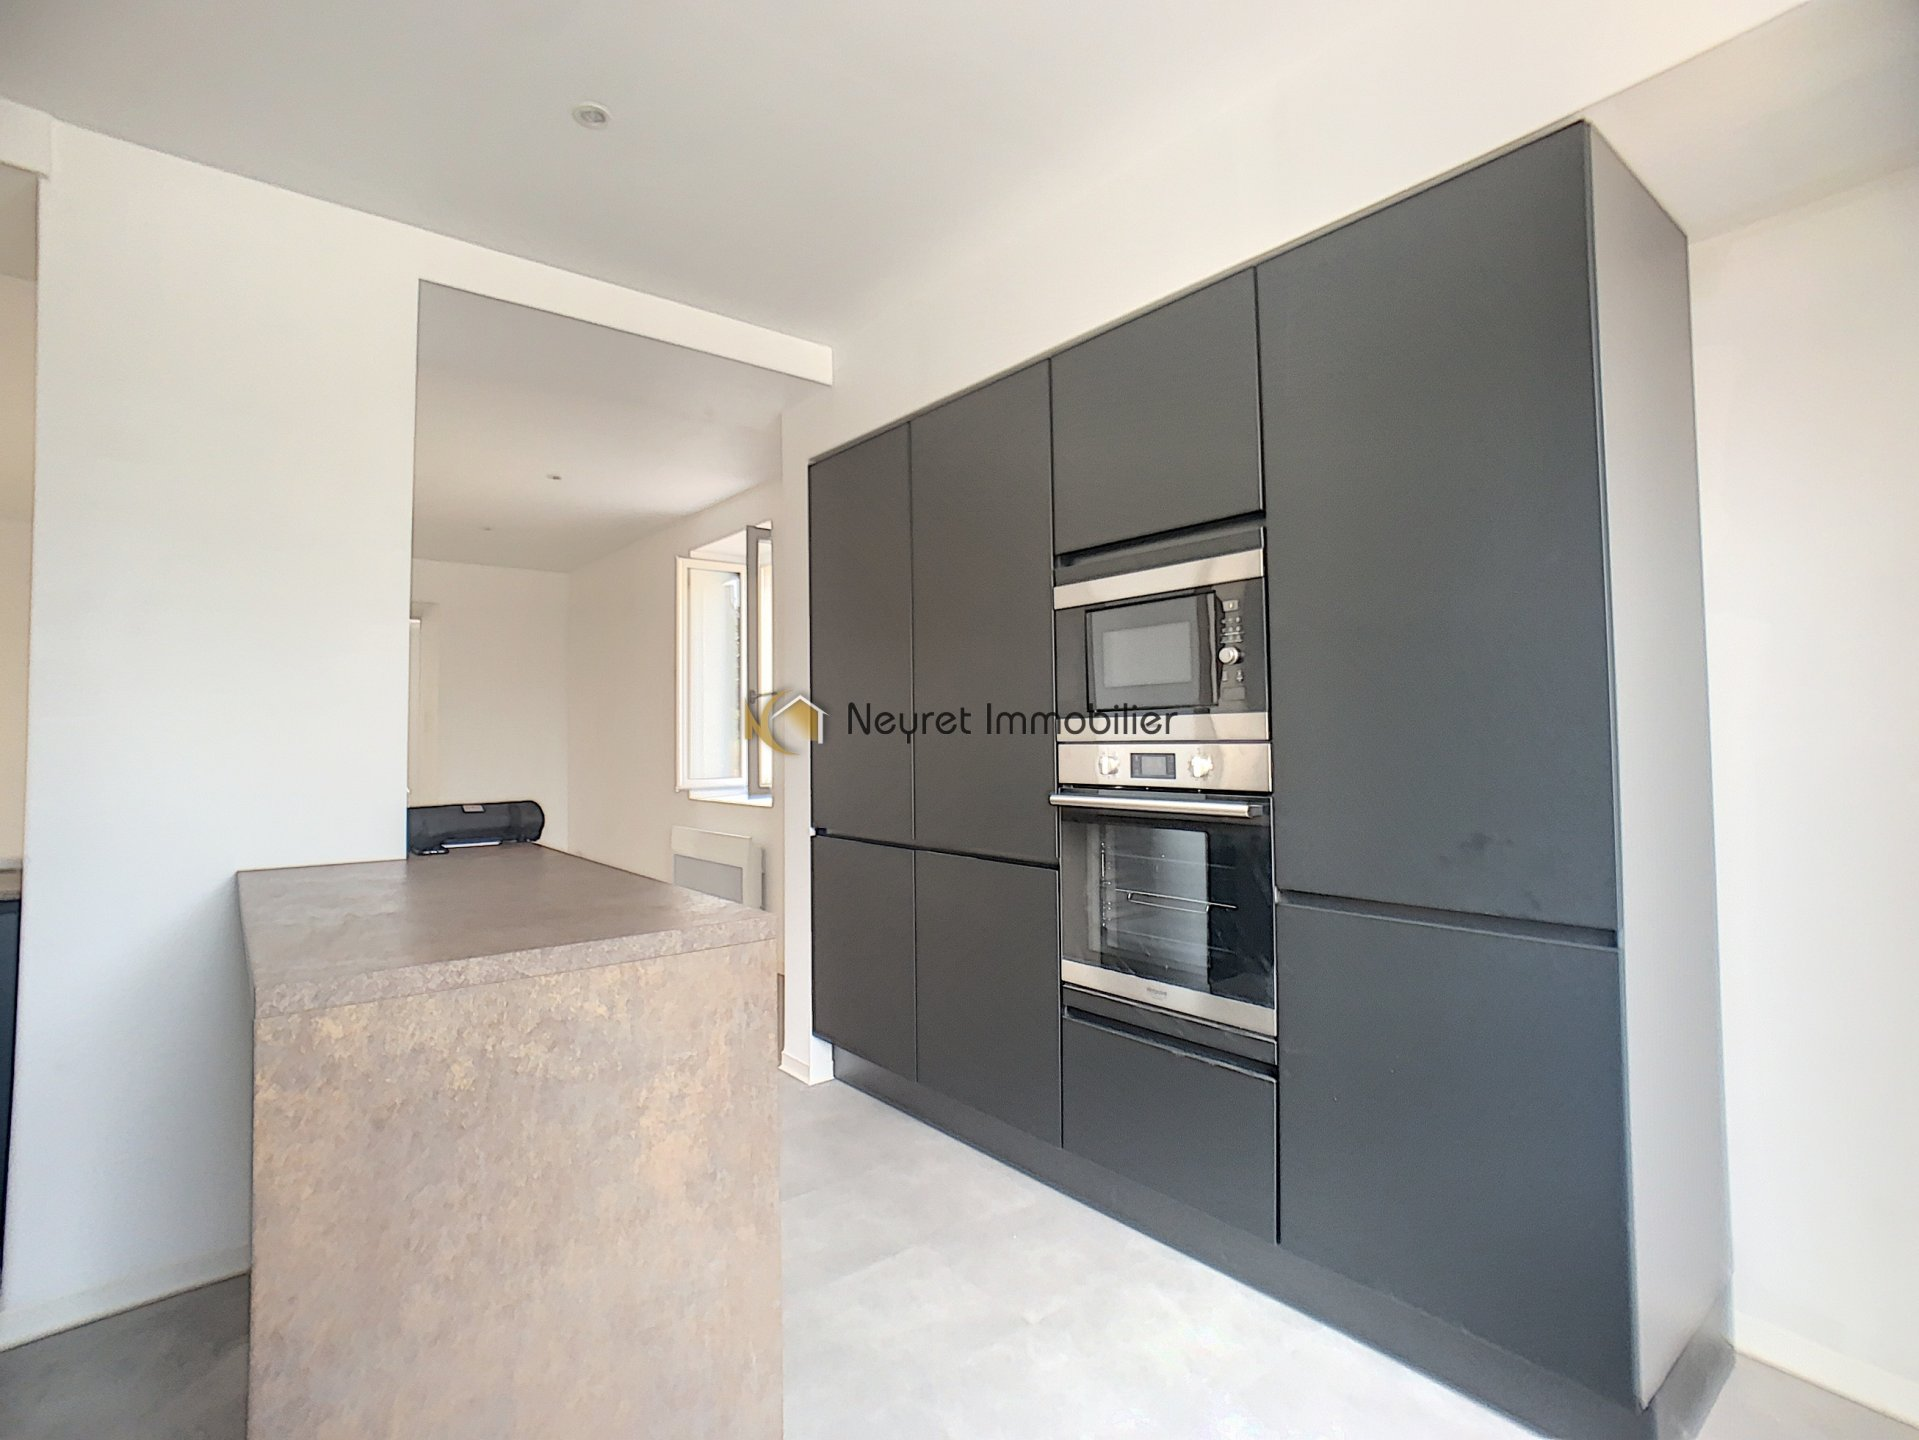 Exclusivité - Appartement T3